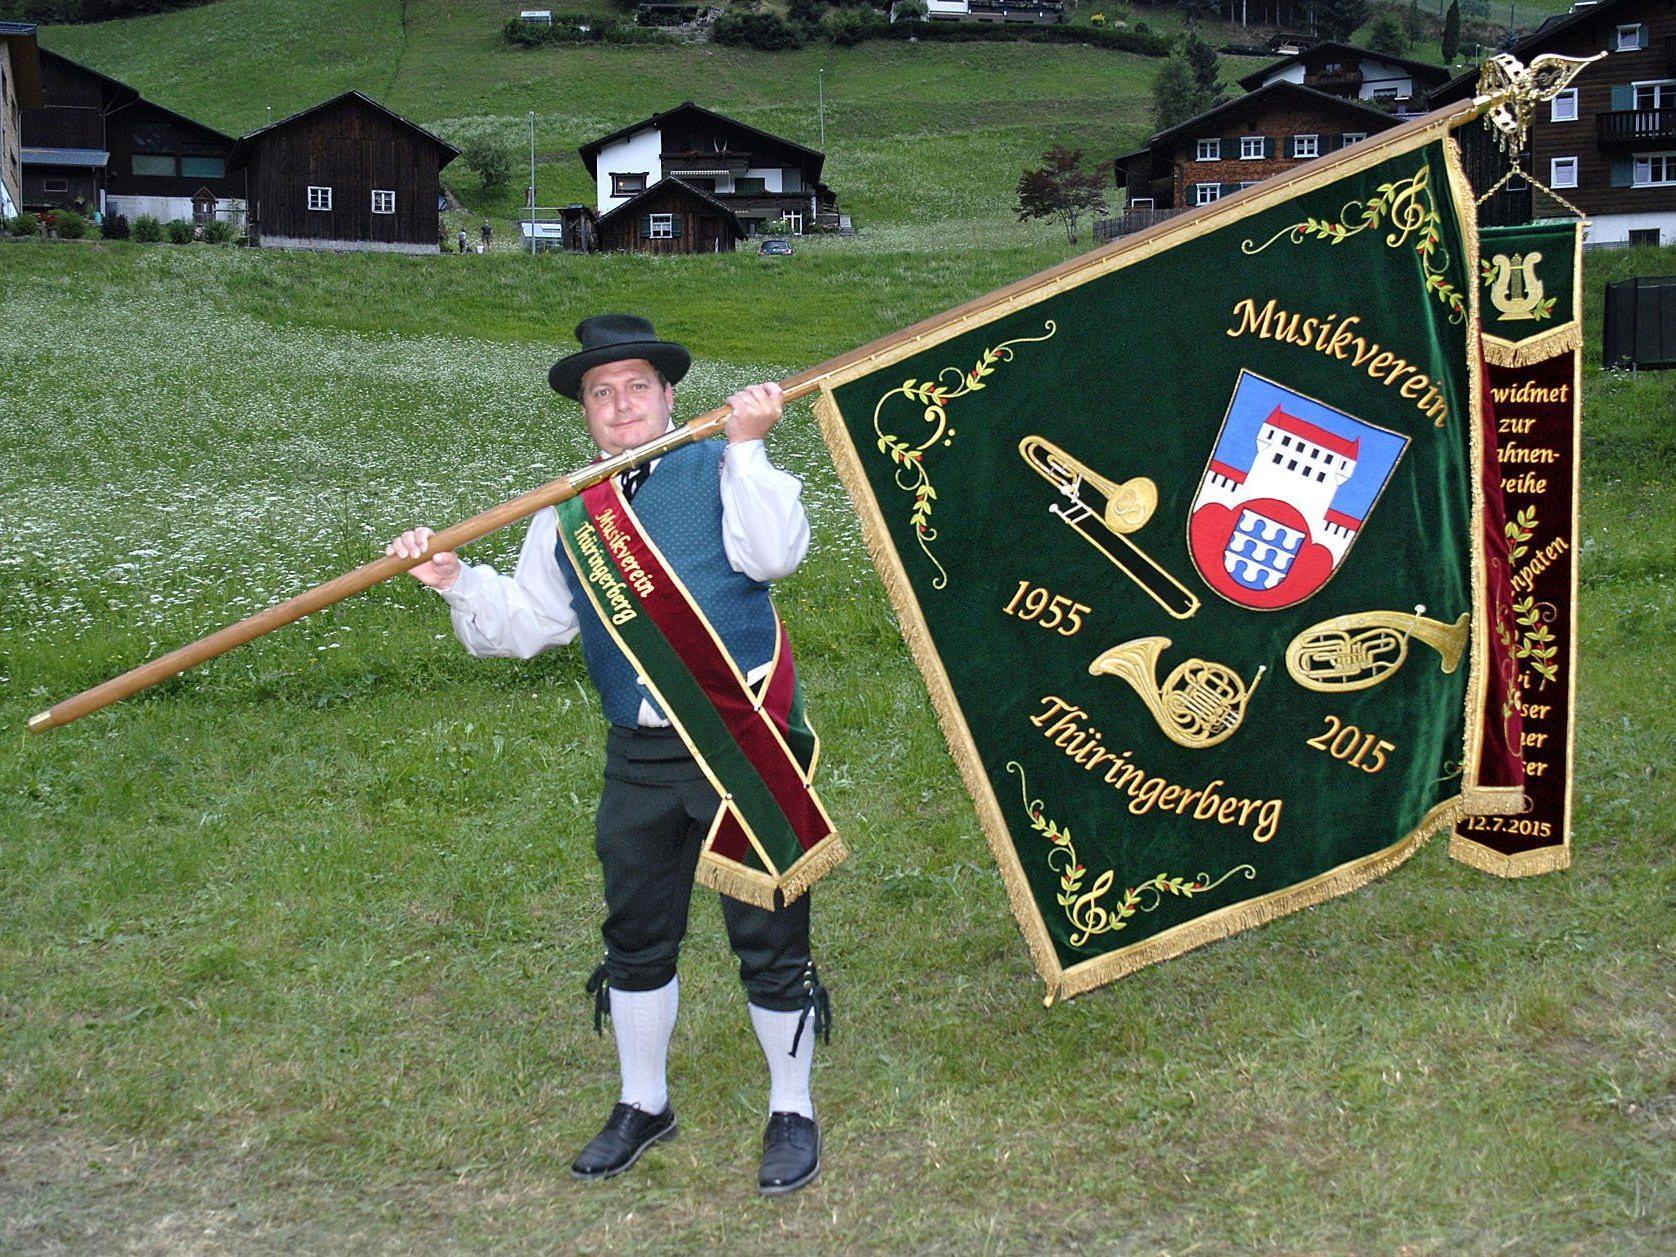 Der Fähnrich des Musikverein Thüringerberg, Rainer Dünser, mit der neuen Fahne beim Bezirksmusikfest im Silbertal